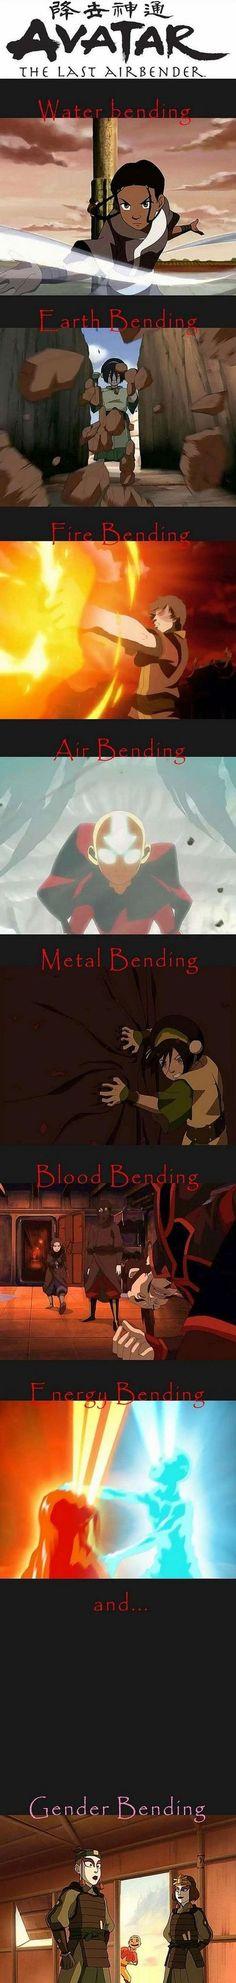 """Different Types of Bending In Avatar... """"Nice dress, Sokka"""" gender bending.lol"""